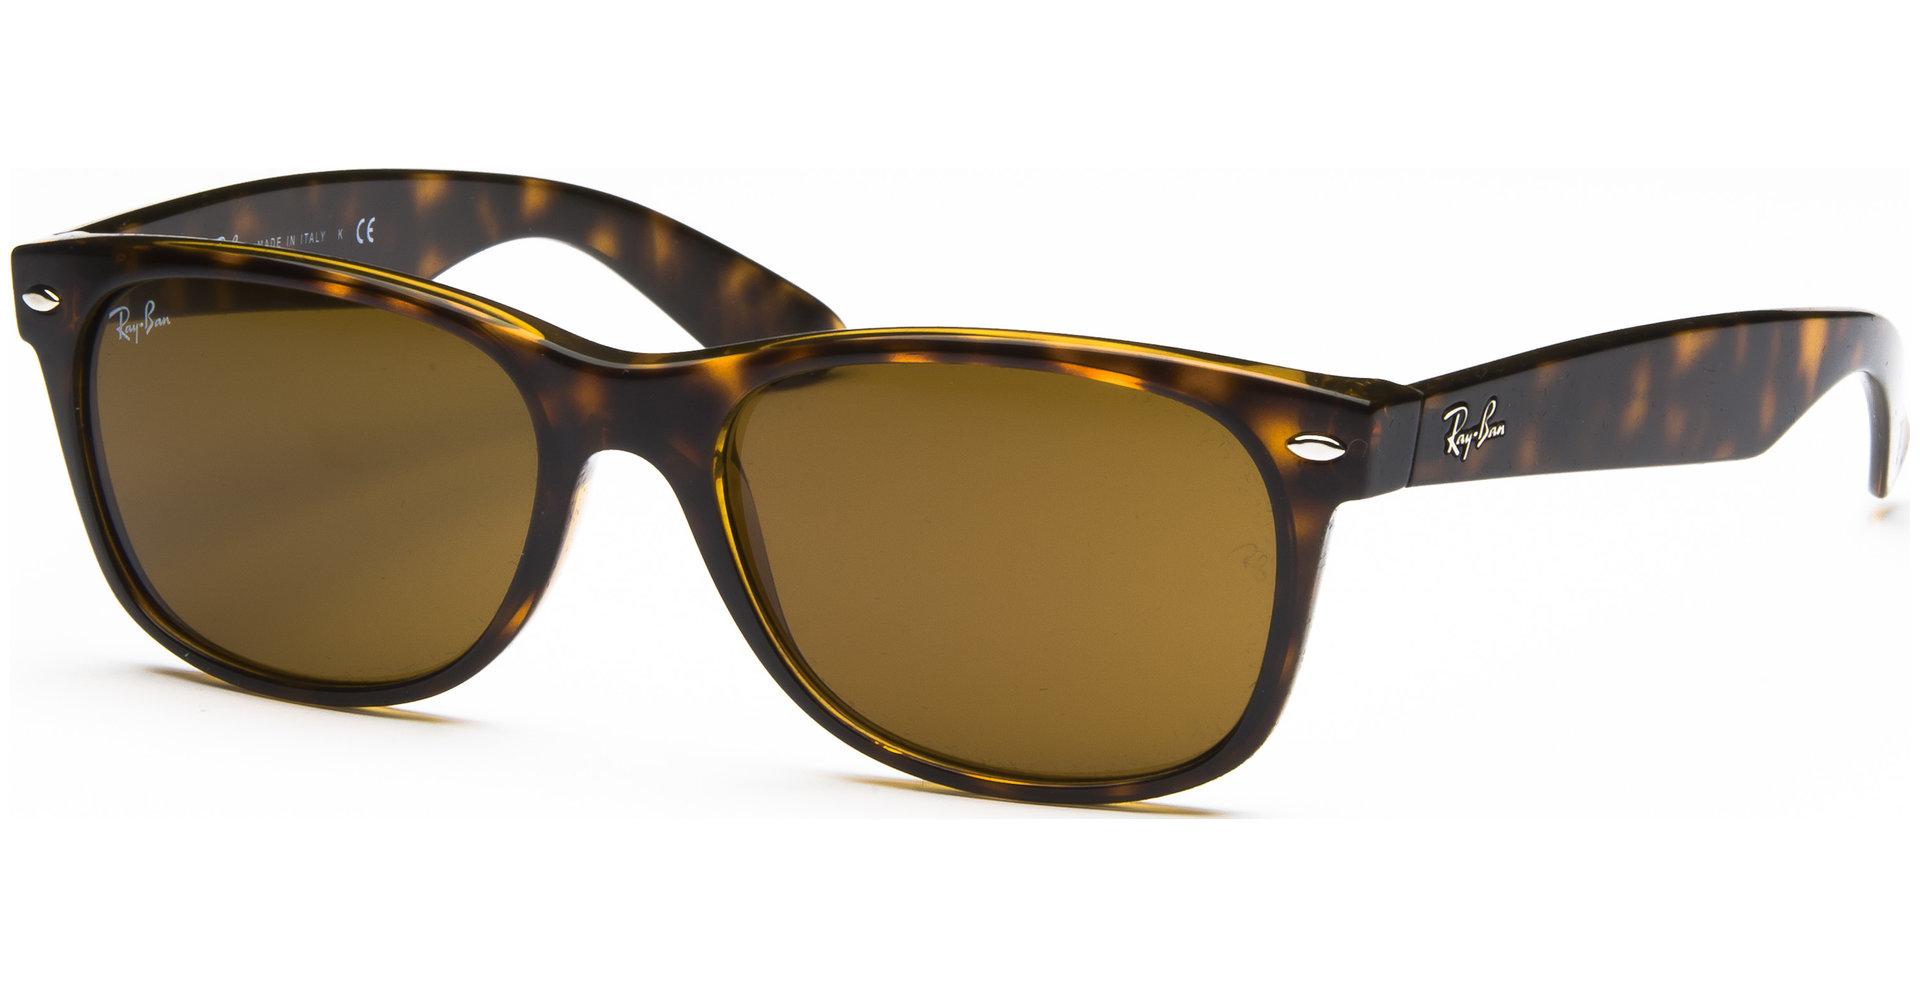 ray ban sonnenbrille herren matt schwarz